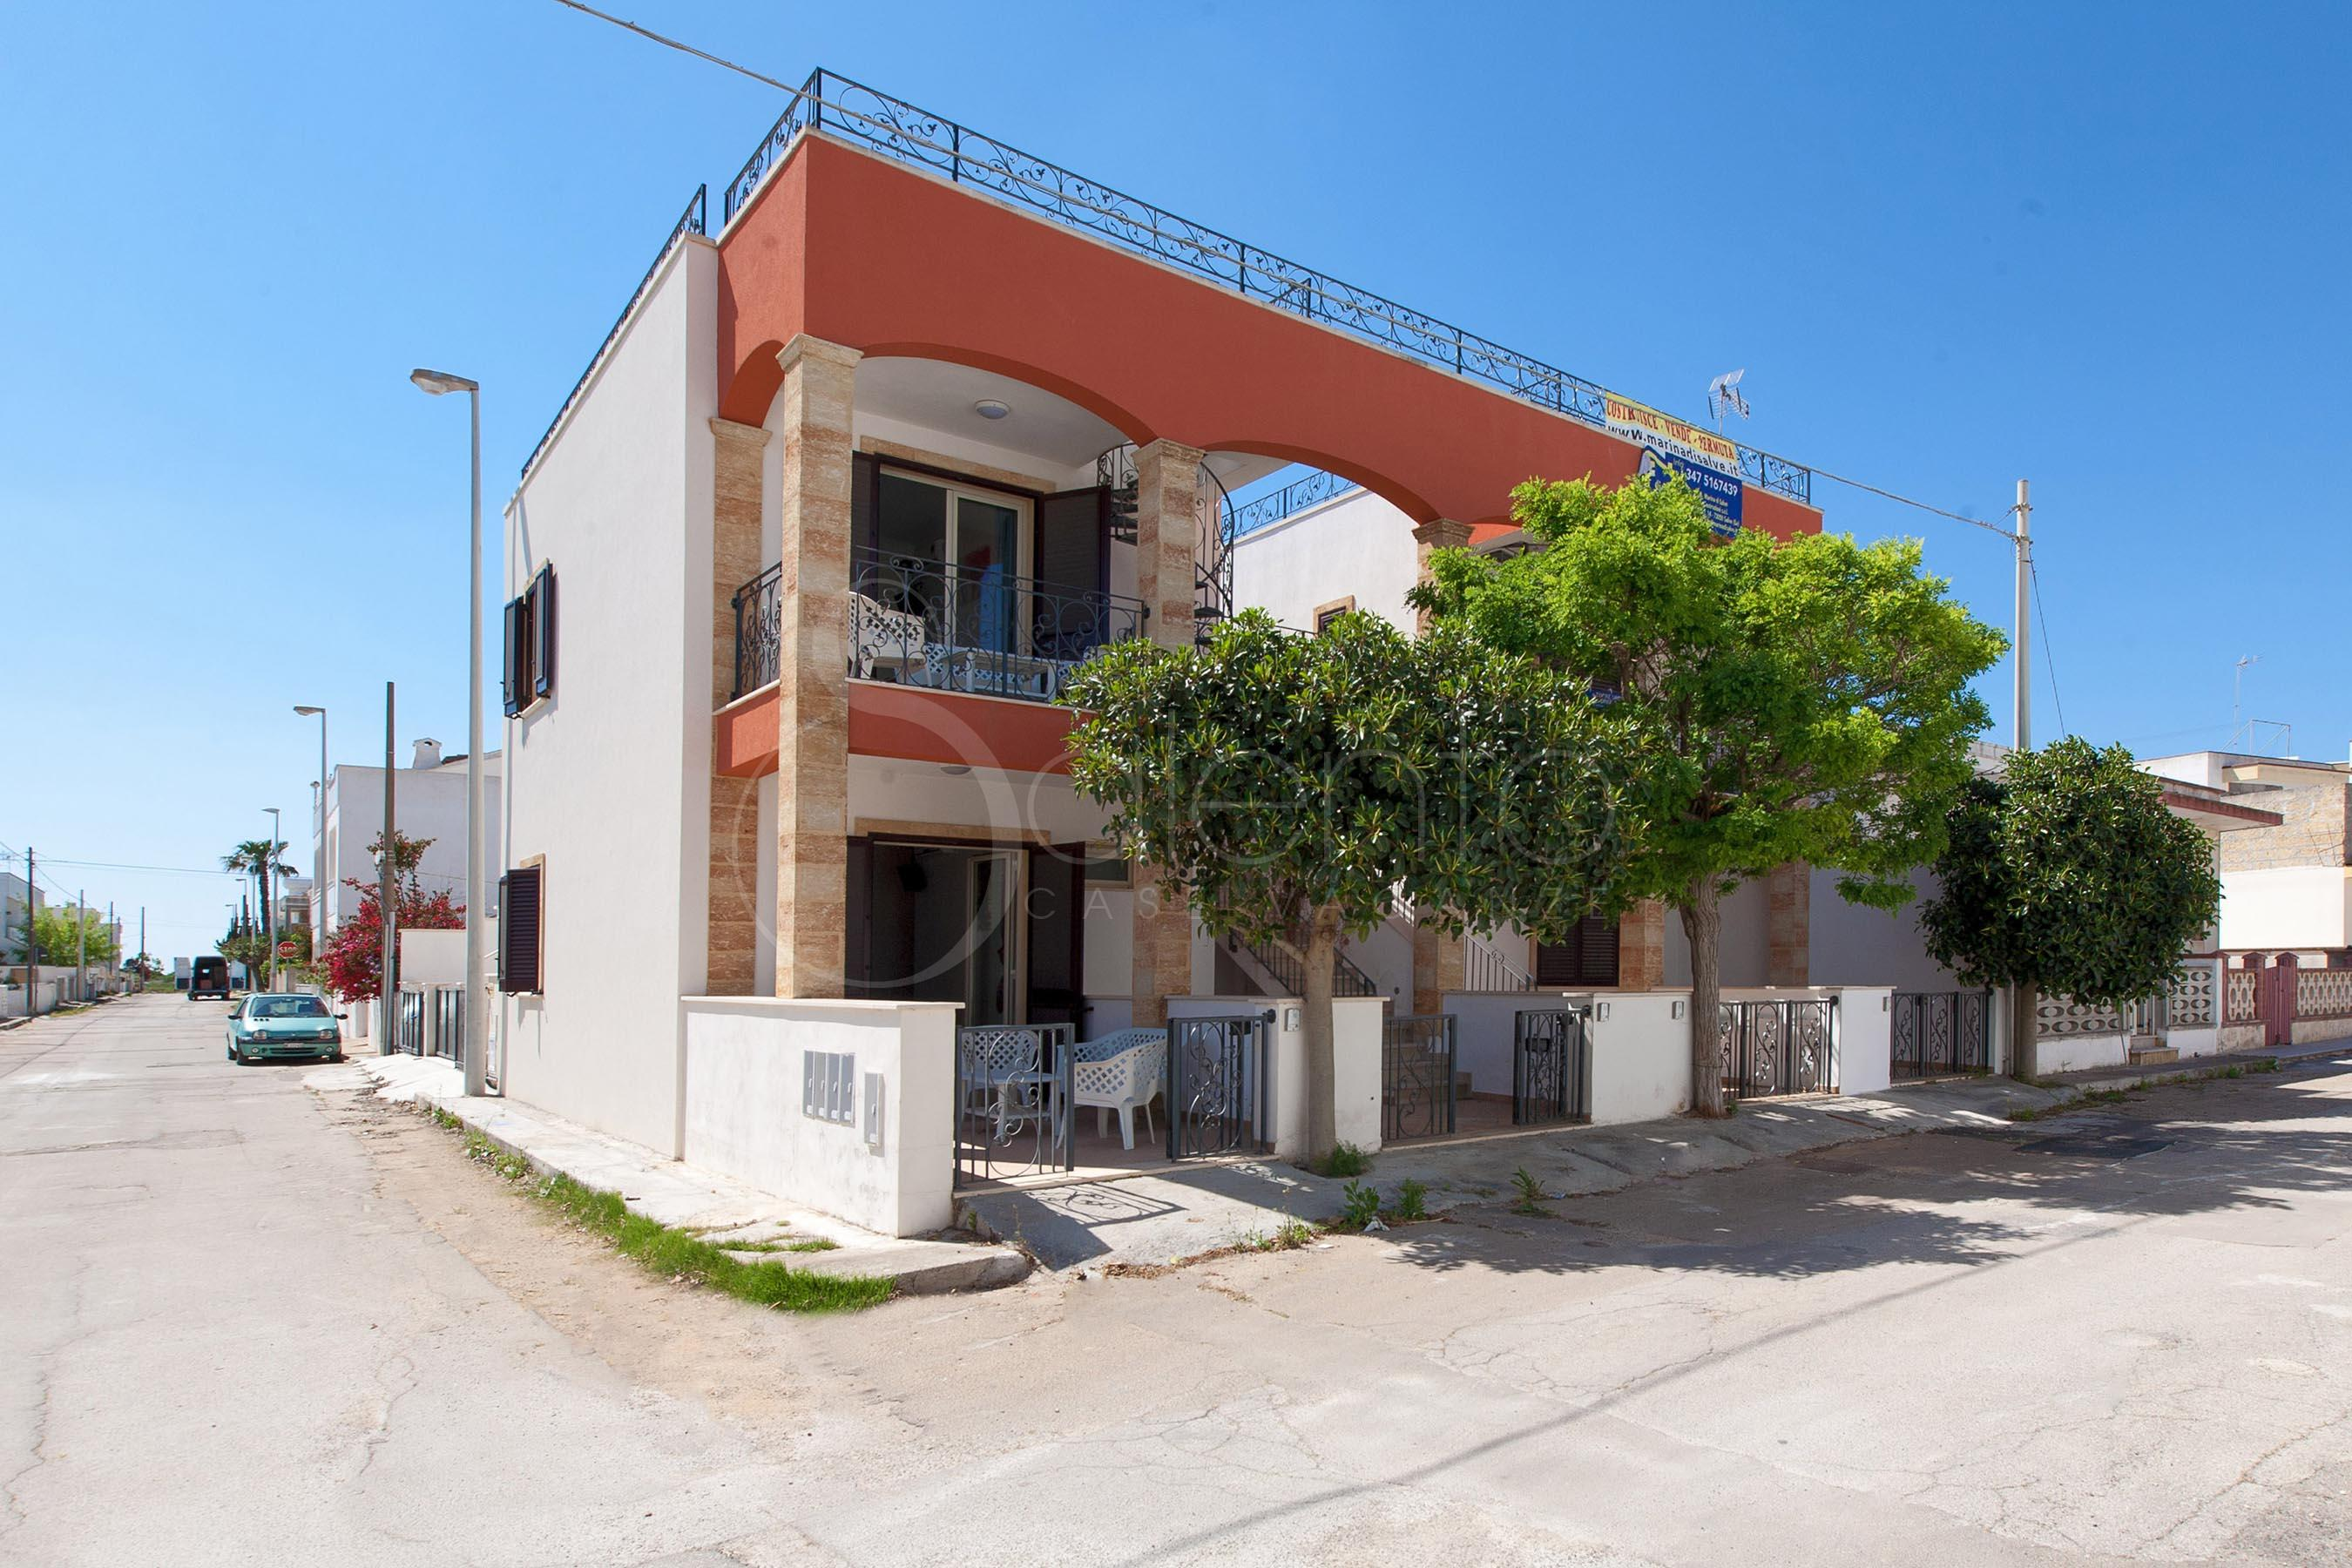 Appartamento per vacanze a pochi mt dalle spiagge di torre for Casa a 1 piano